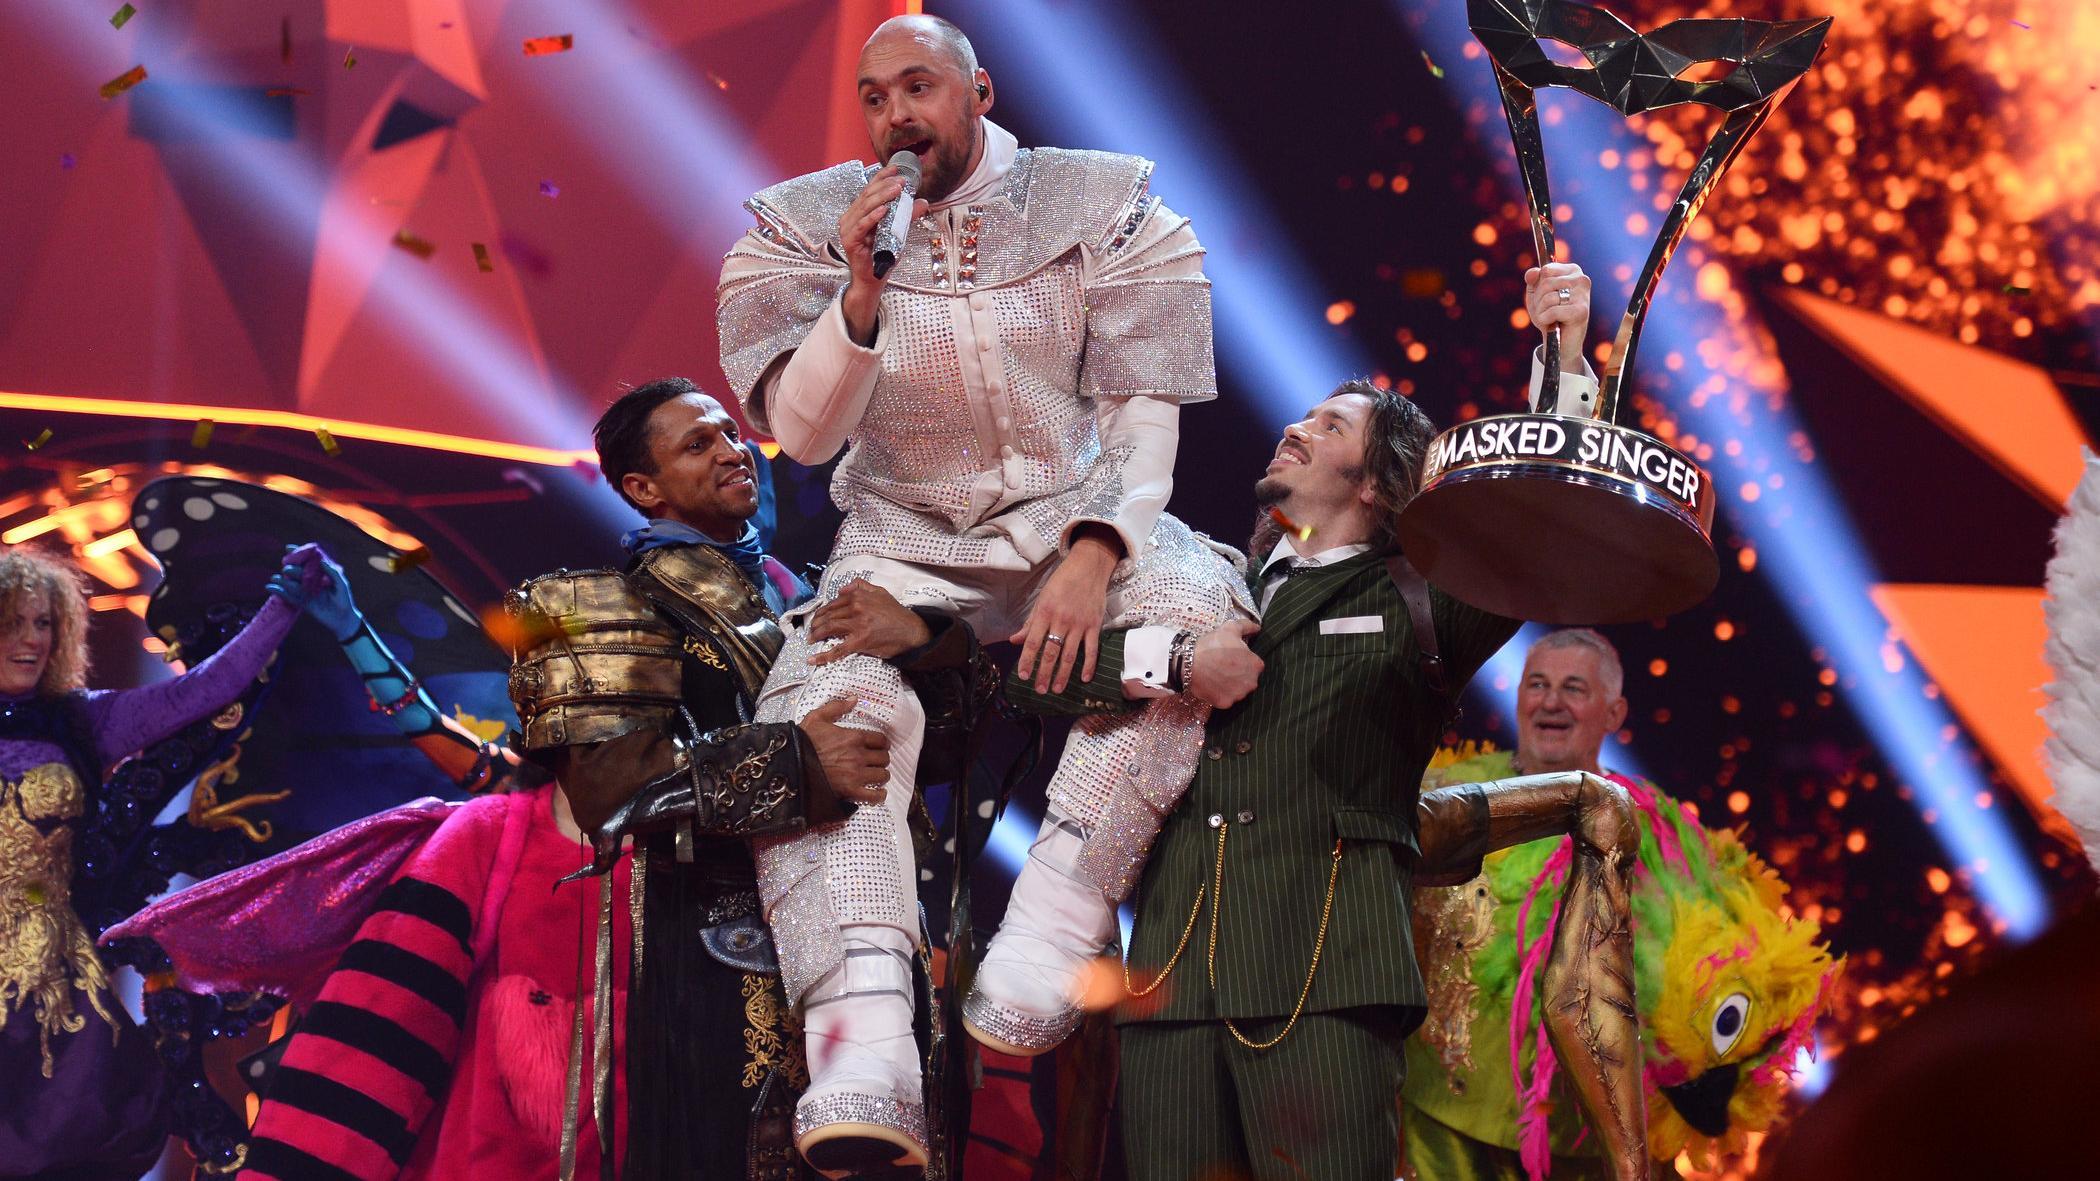 Masked Singer 2019: Max Mutzke gewann als Astronaut in Staffel 1